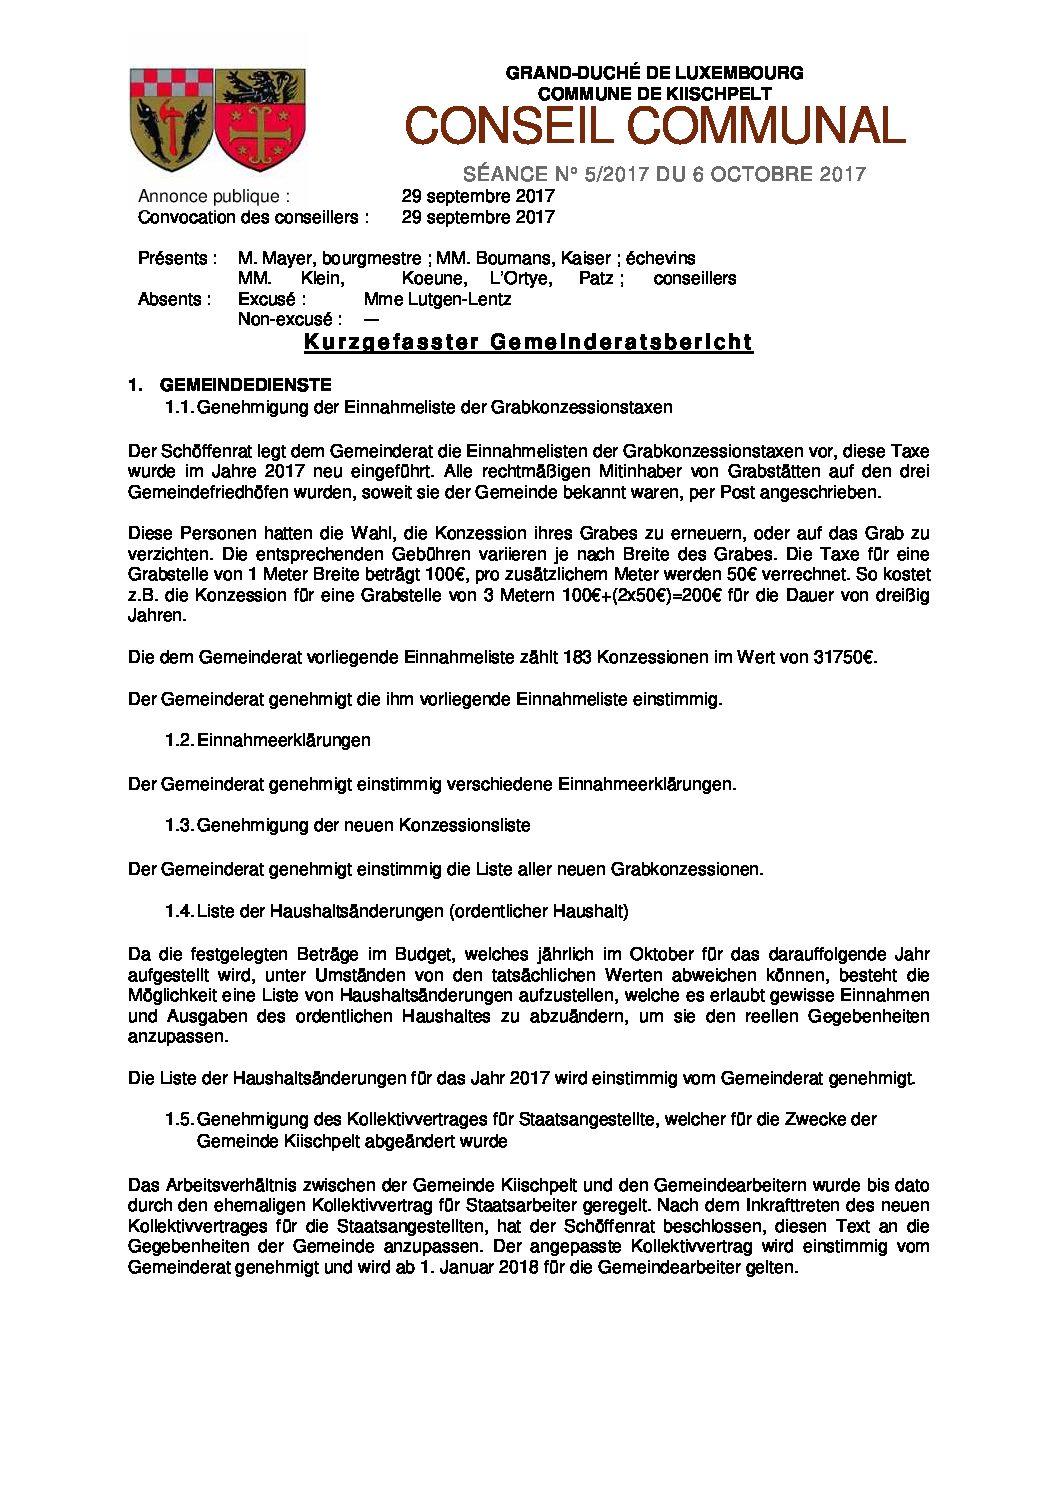 Gemeinderats Bericht vom 6. Oktober 2017